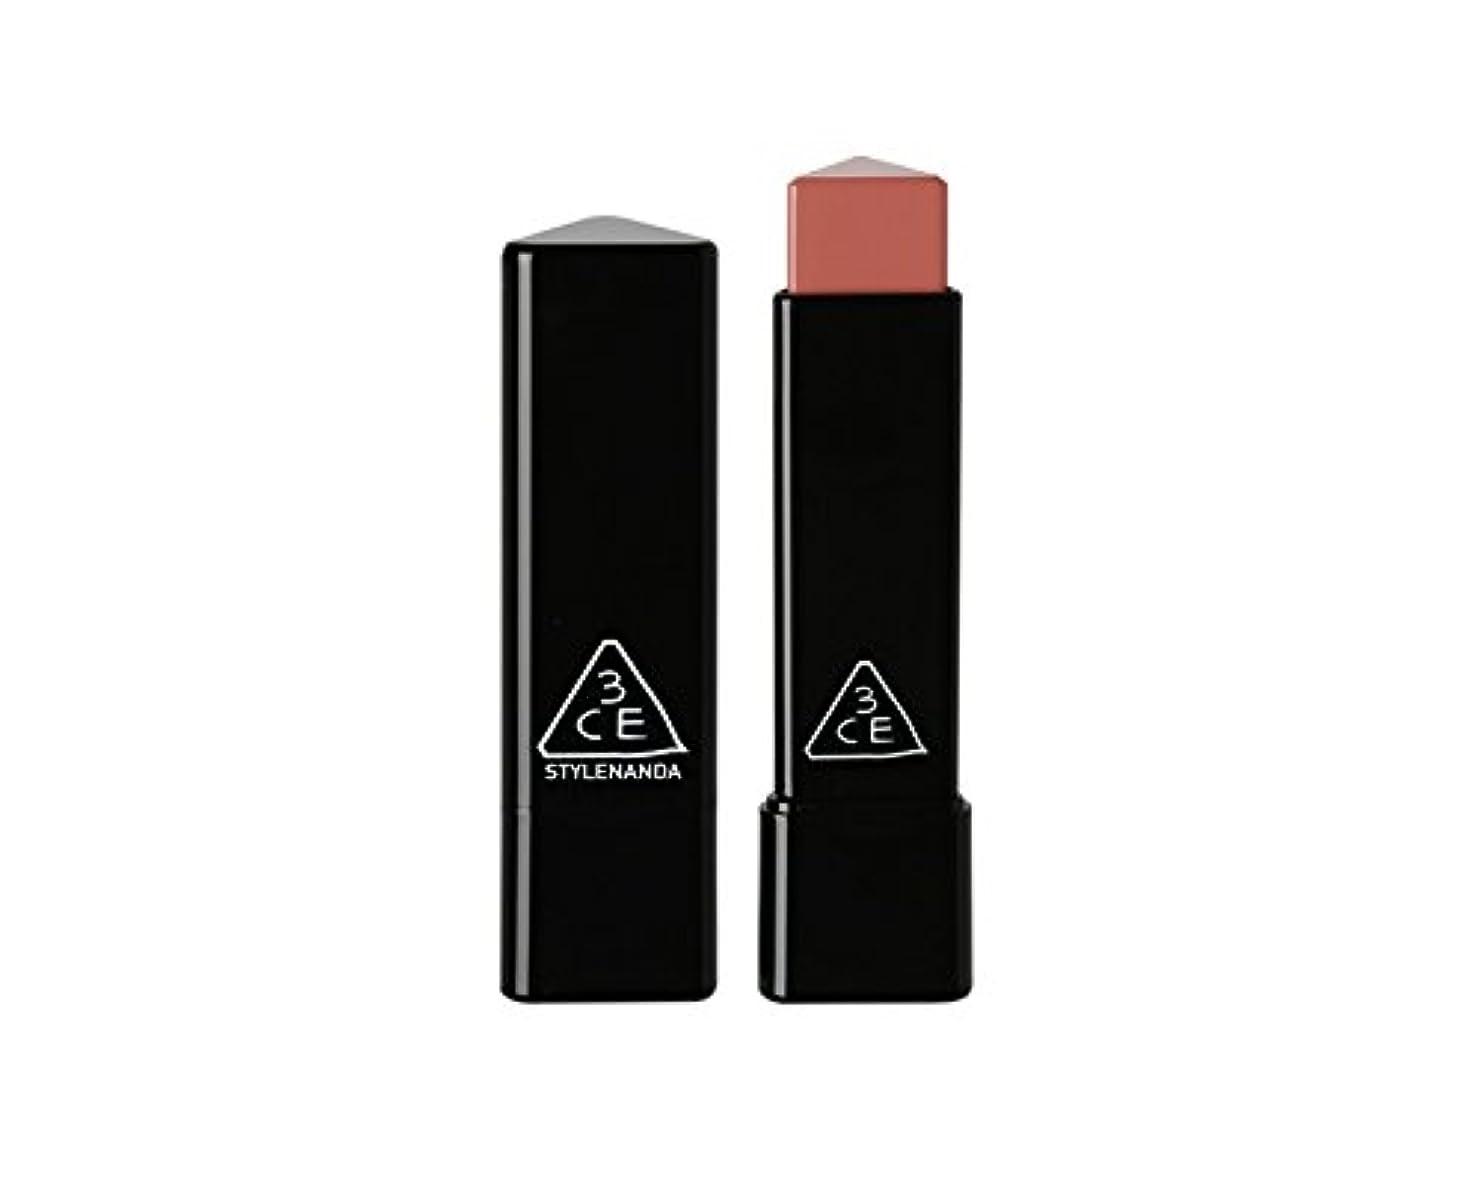 帝国混乱開いた3CE スロージャム三角形口紅 3 Concept Eyes Style Nanda Glow Jam Stick Triangle Lipstick (正品?海外直送品) (Longing)